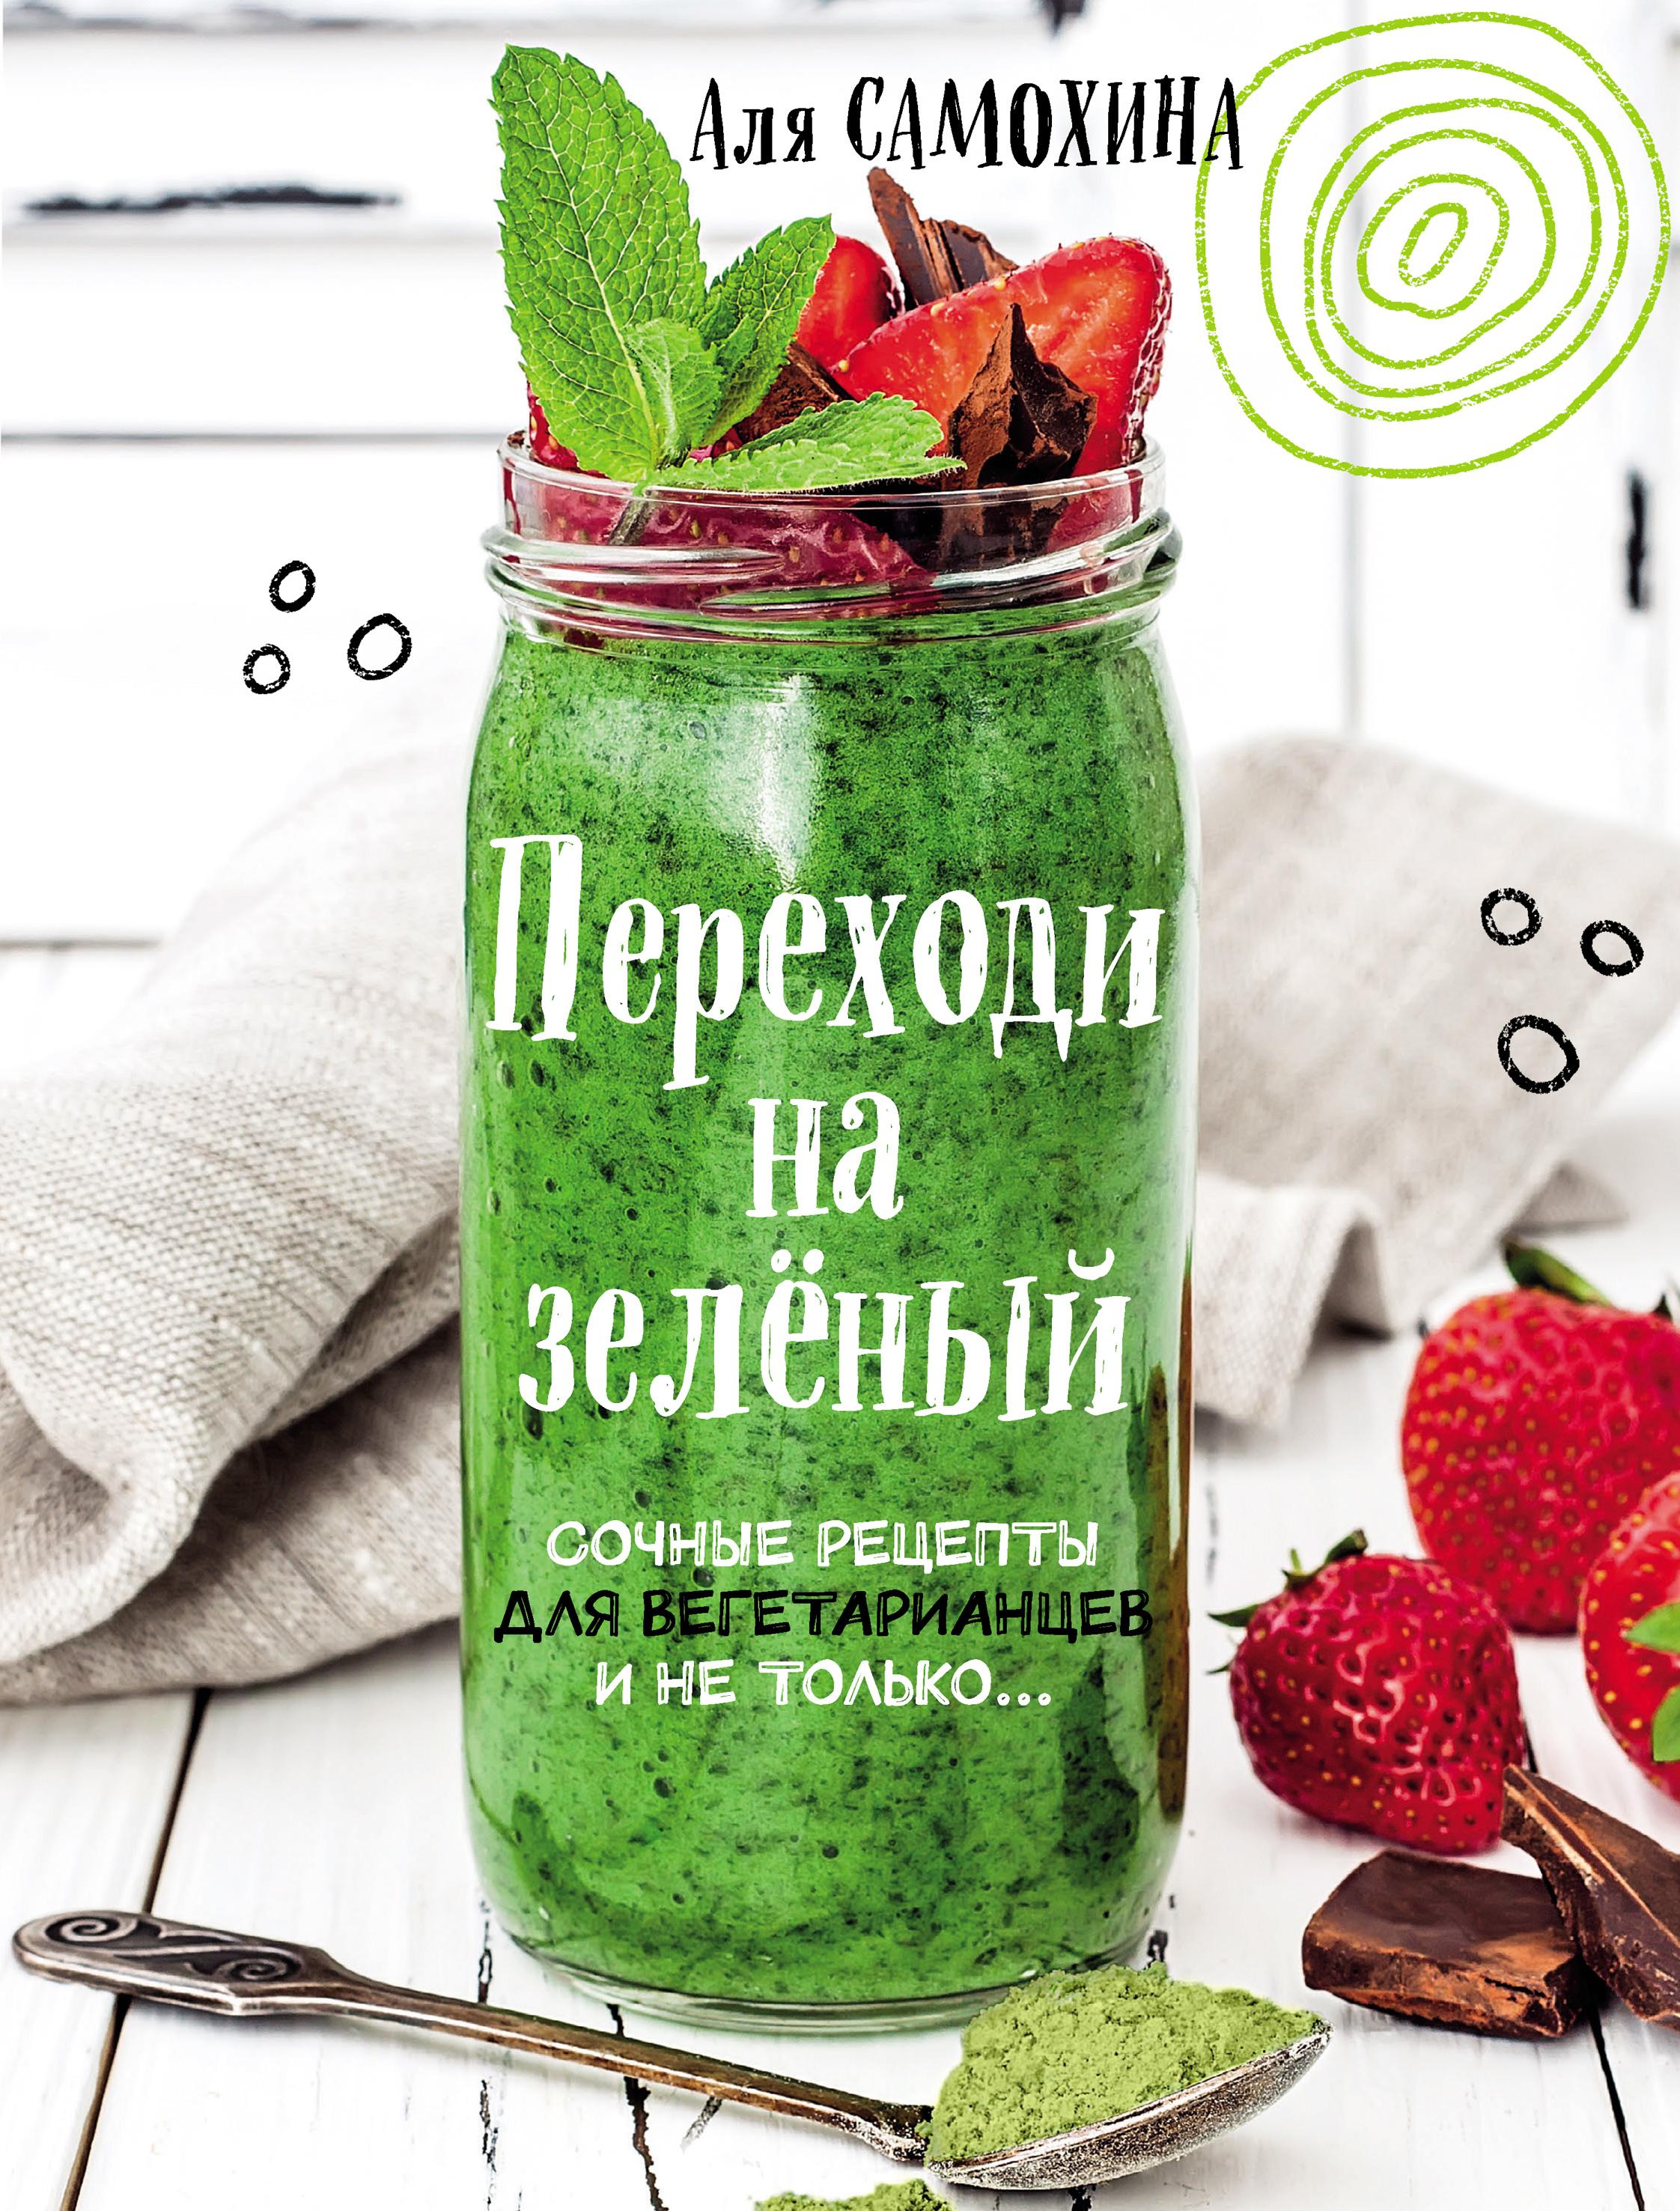 Аля Самохина Переходи на зеленый. Яркие и сочные рецепты для вегетарианцев и не только